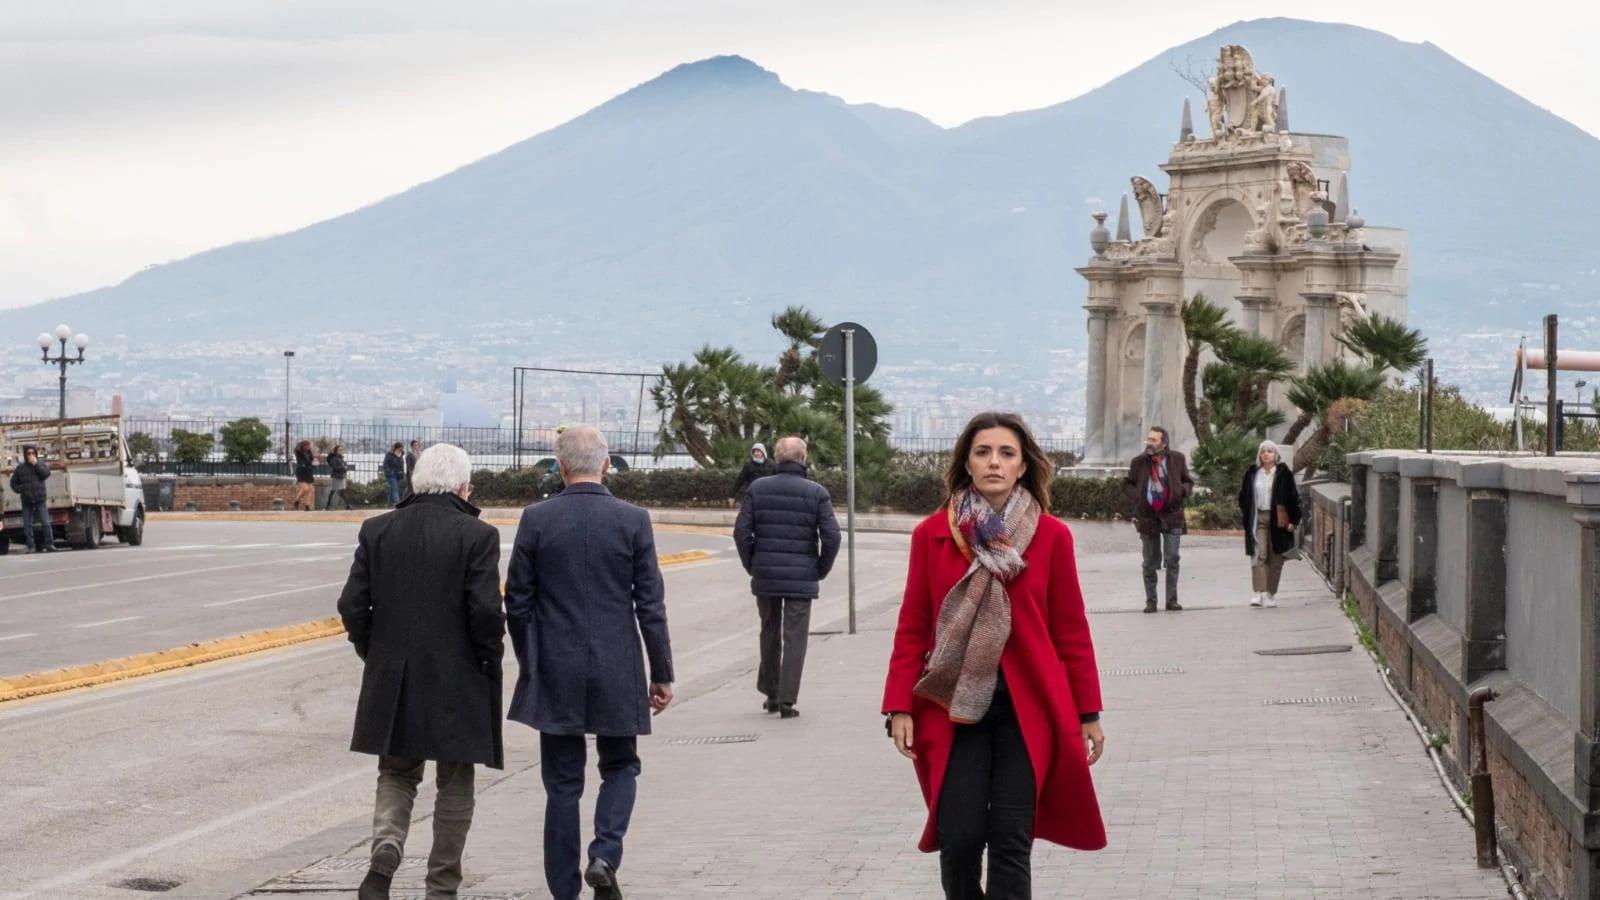 Fiction Club · Mina Settembre primo appuntamento. Con protagonista Serena Rossi, in onda in prima visione assoluta su RaiUno